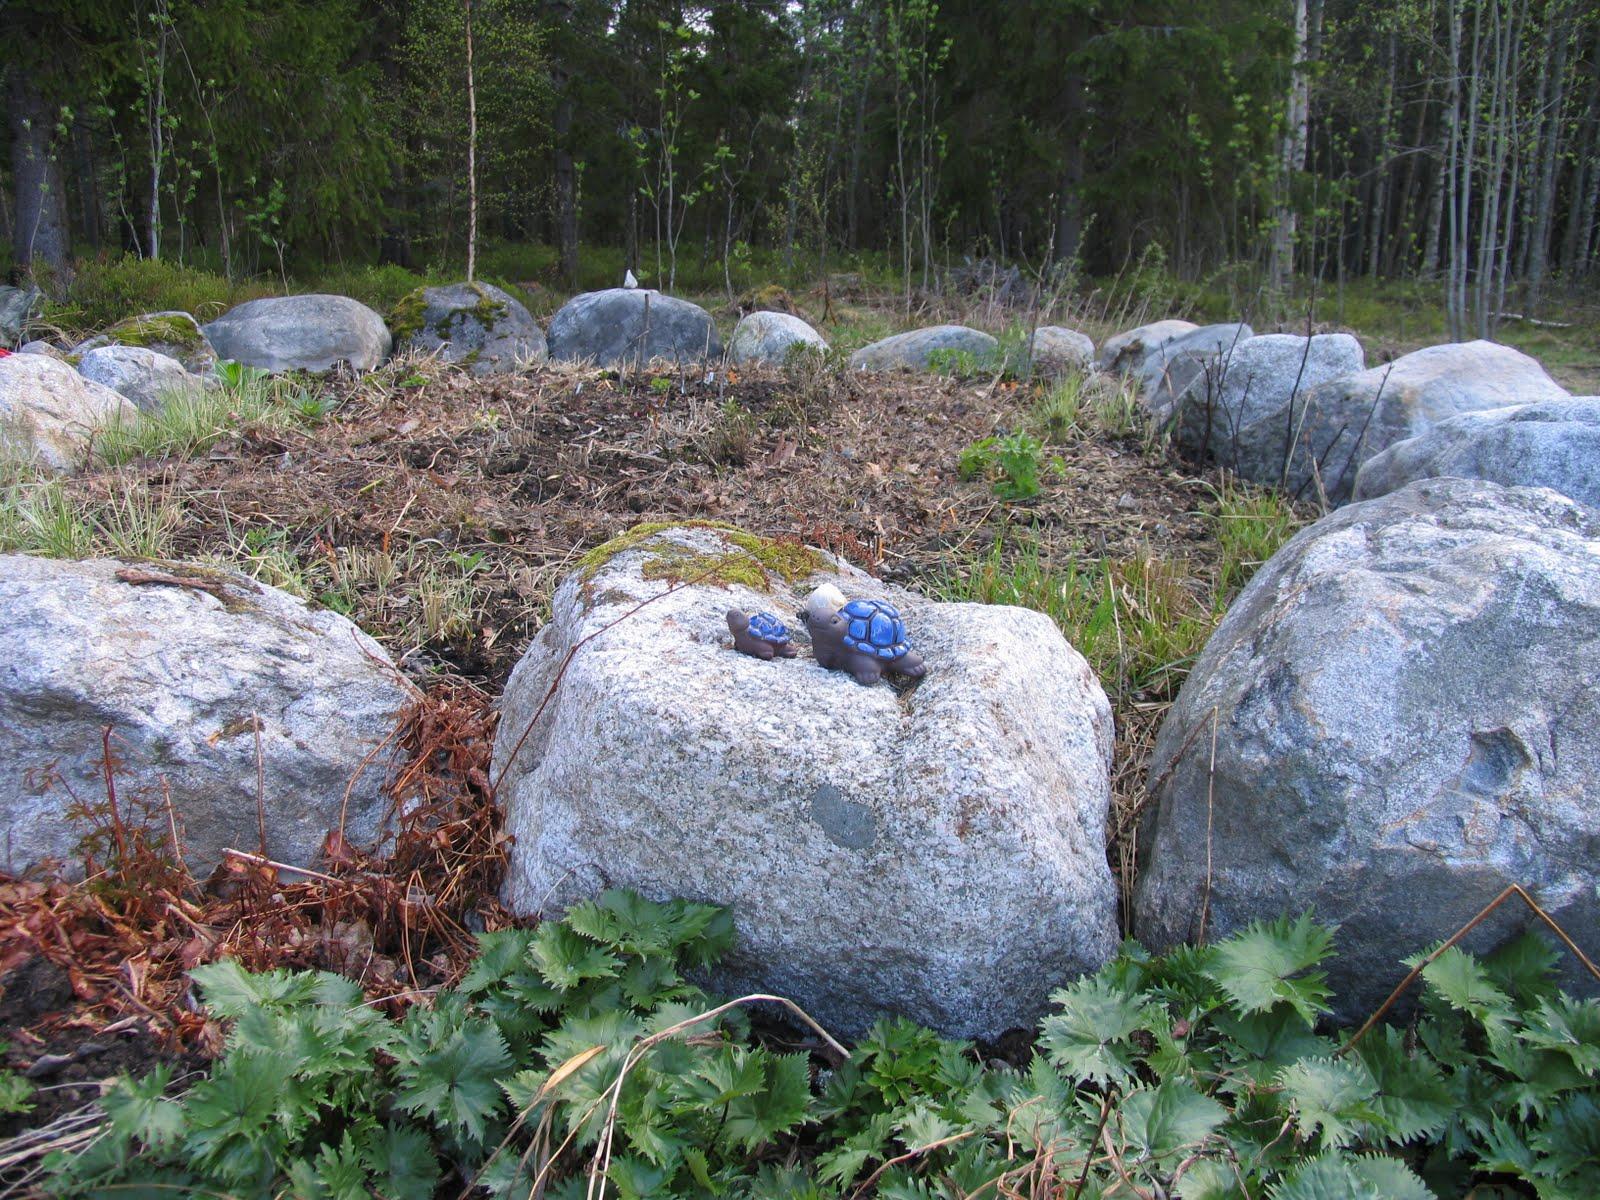 Visningsträdgården Hällans trädgårdsblogg: Nyodling och barnkammare